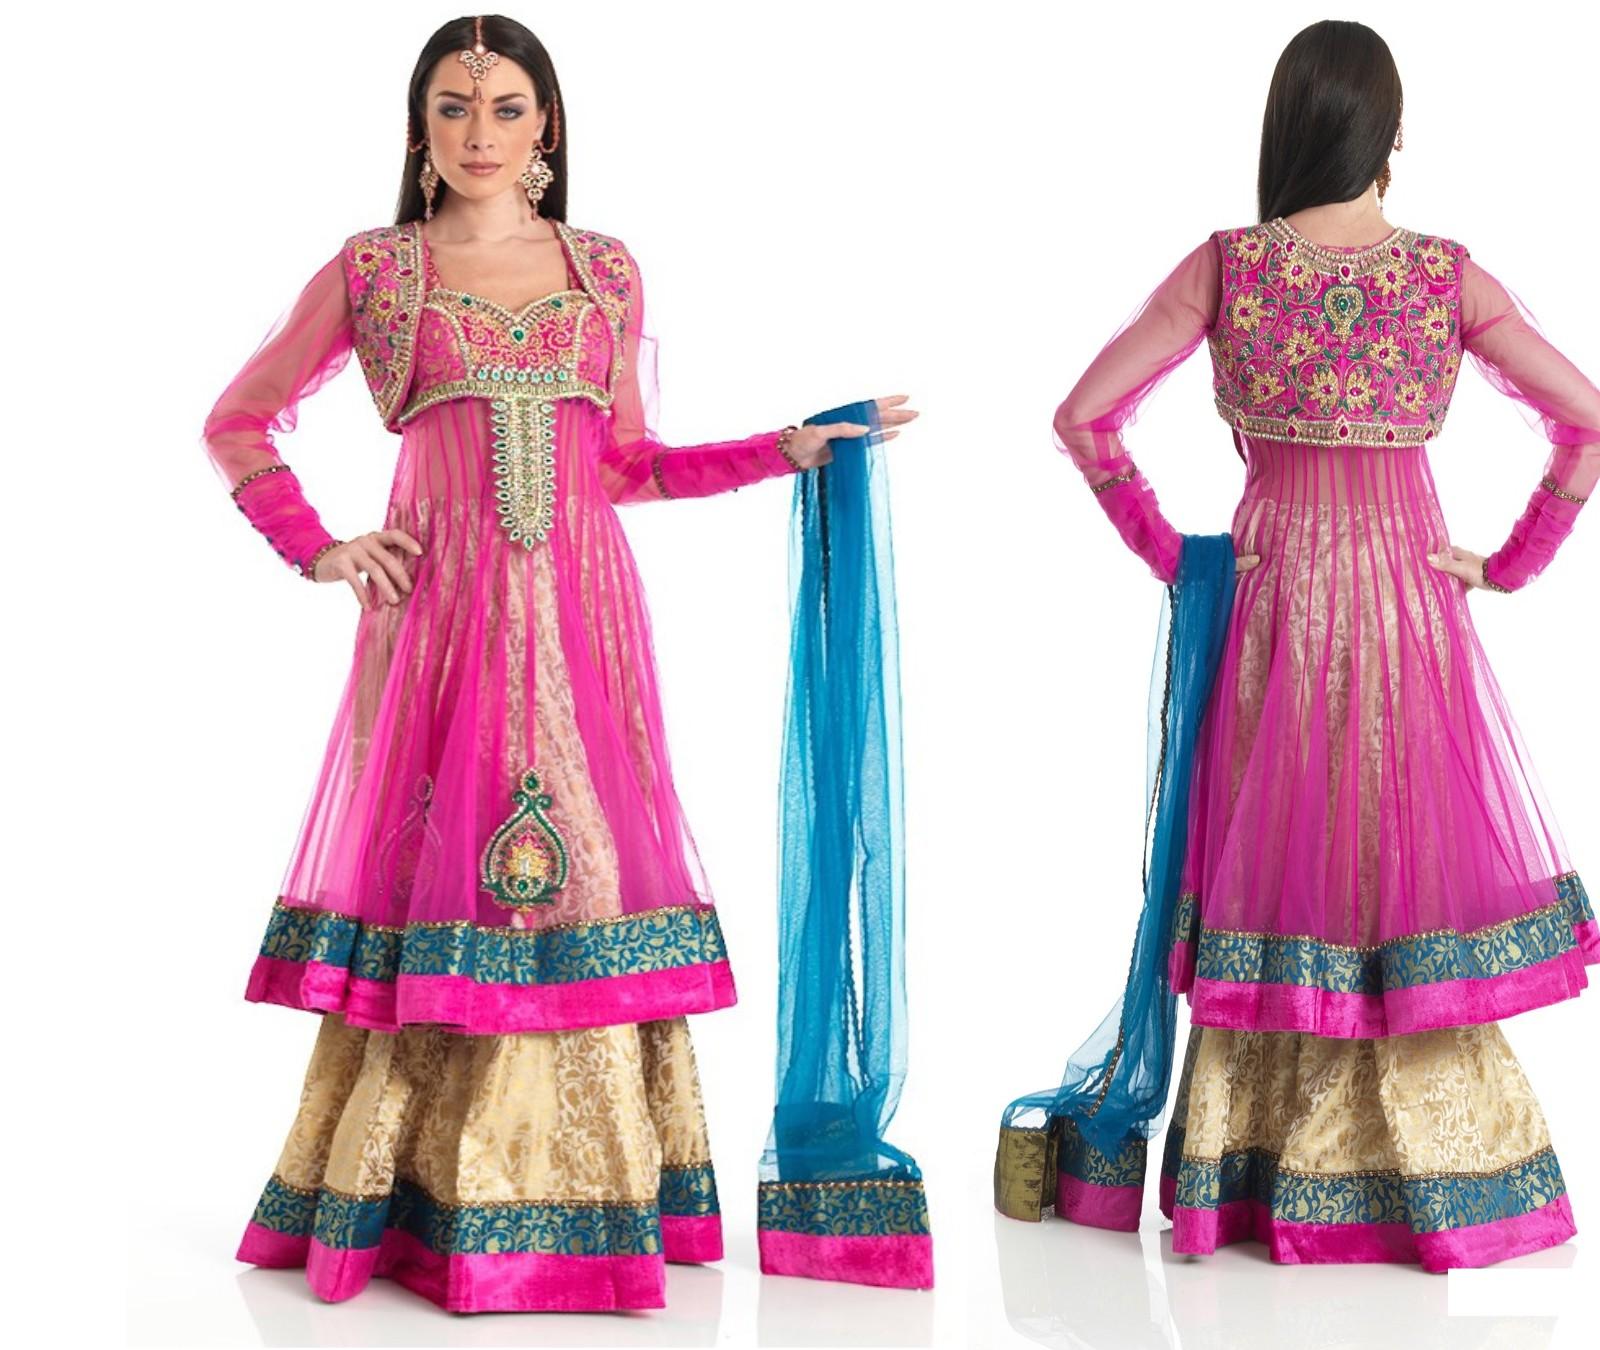 Fashion Franchise Opportunity, Fashion Business. - Franchise India 80